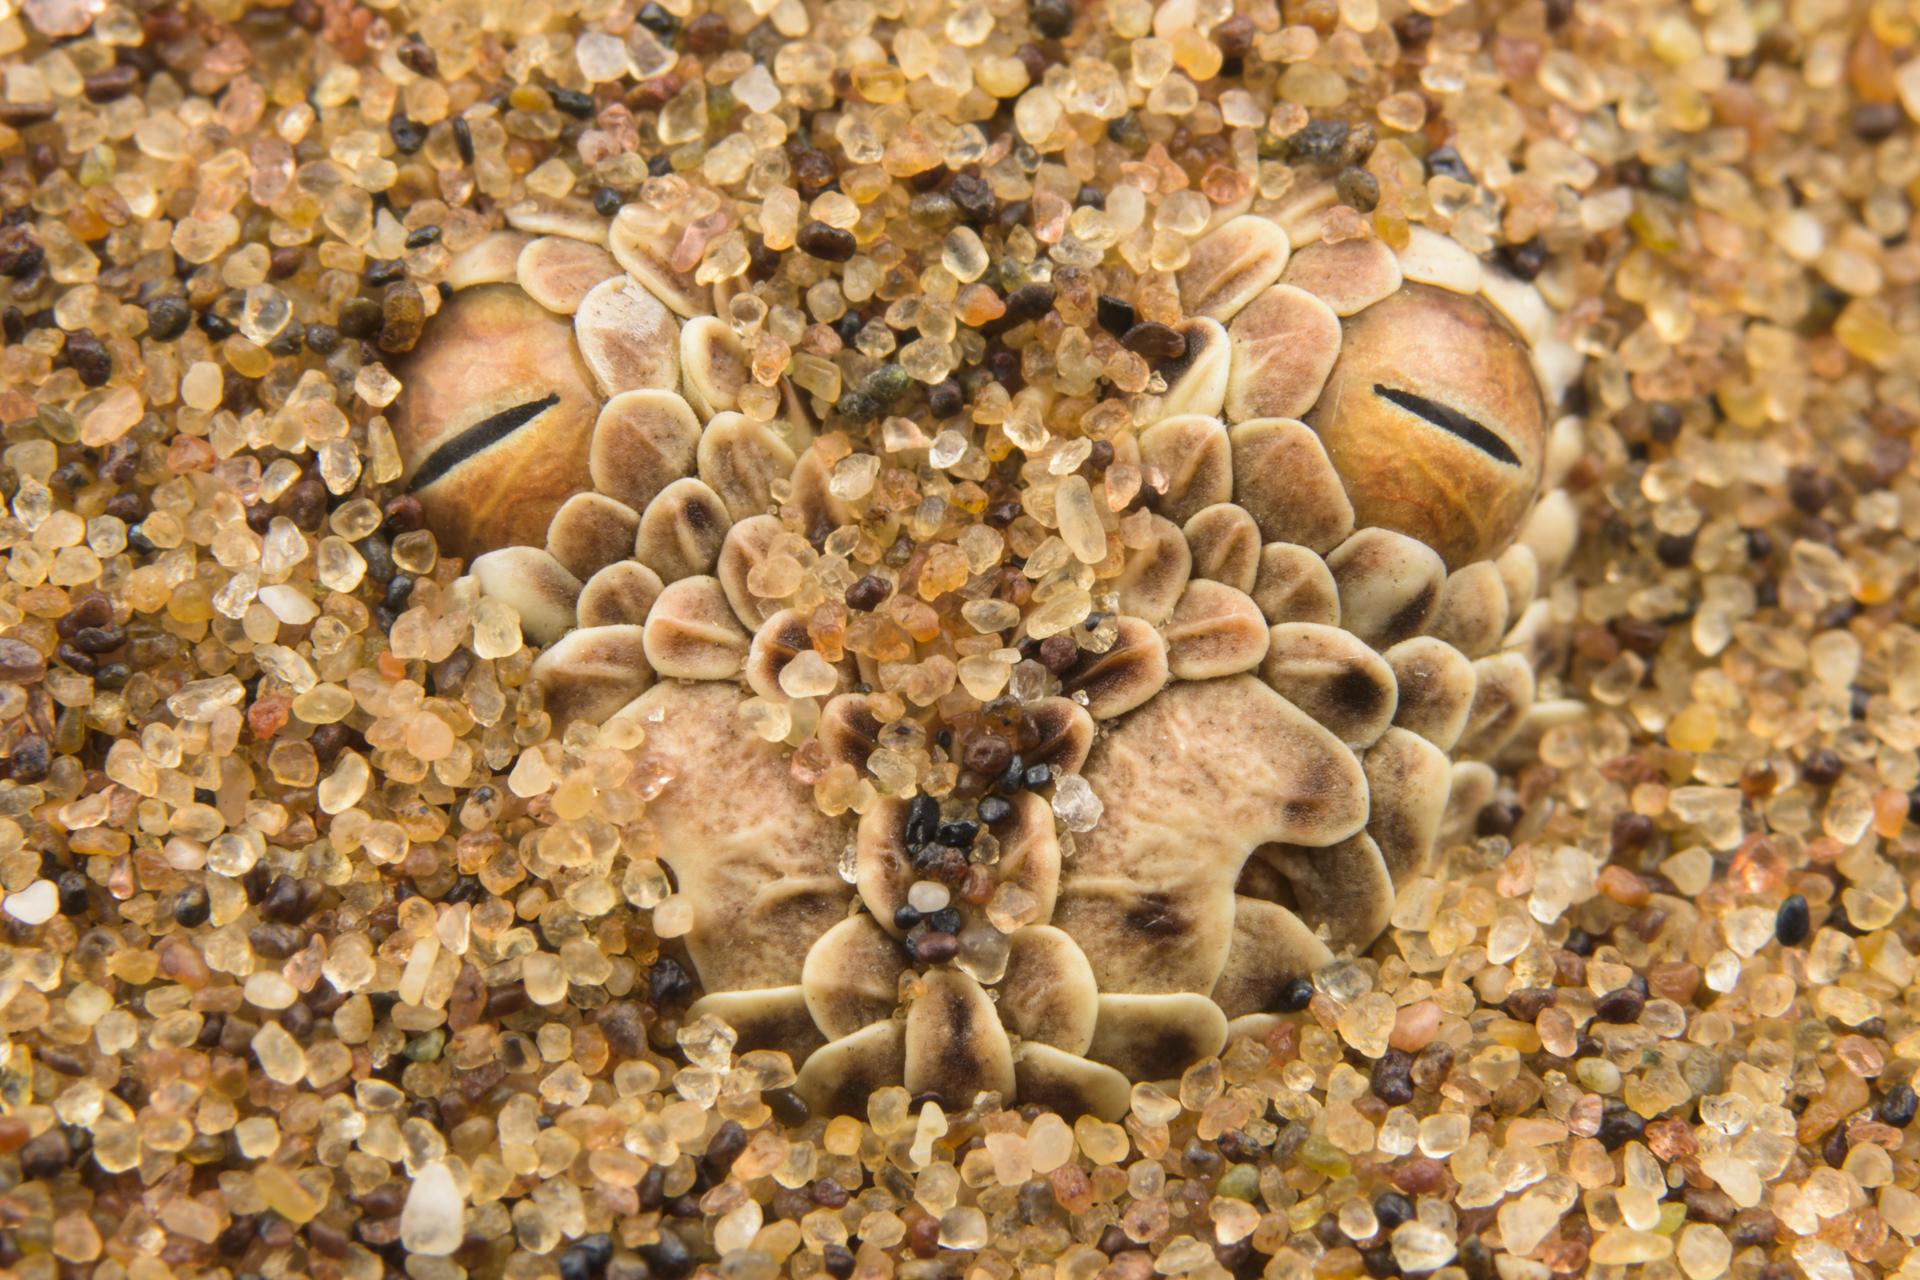 La vipera di Peringuey. è uno dei piccoli grandi protagonisti della vita nelle dune del deserto del Namib. Vive solo lì. Peringuey's adder (Bitis peringueyi) nascosta tra i granelli di sabbia del deserto durante un'azione di caccia.